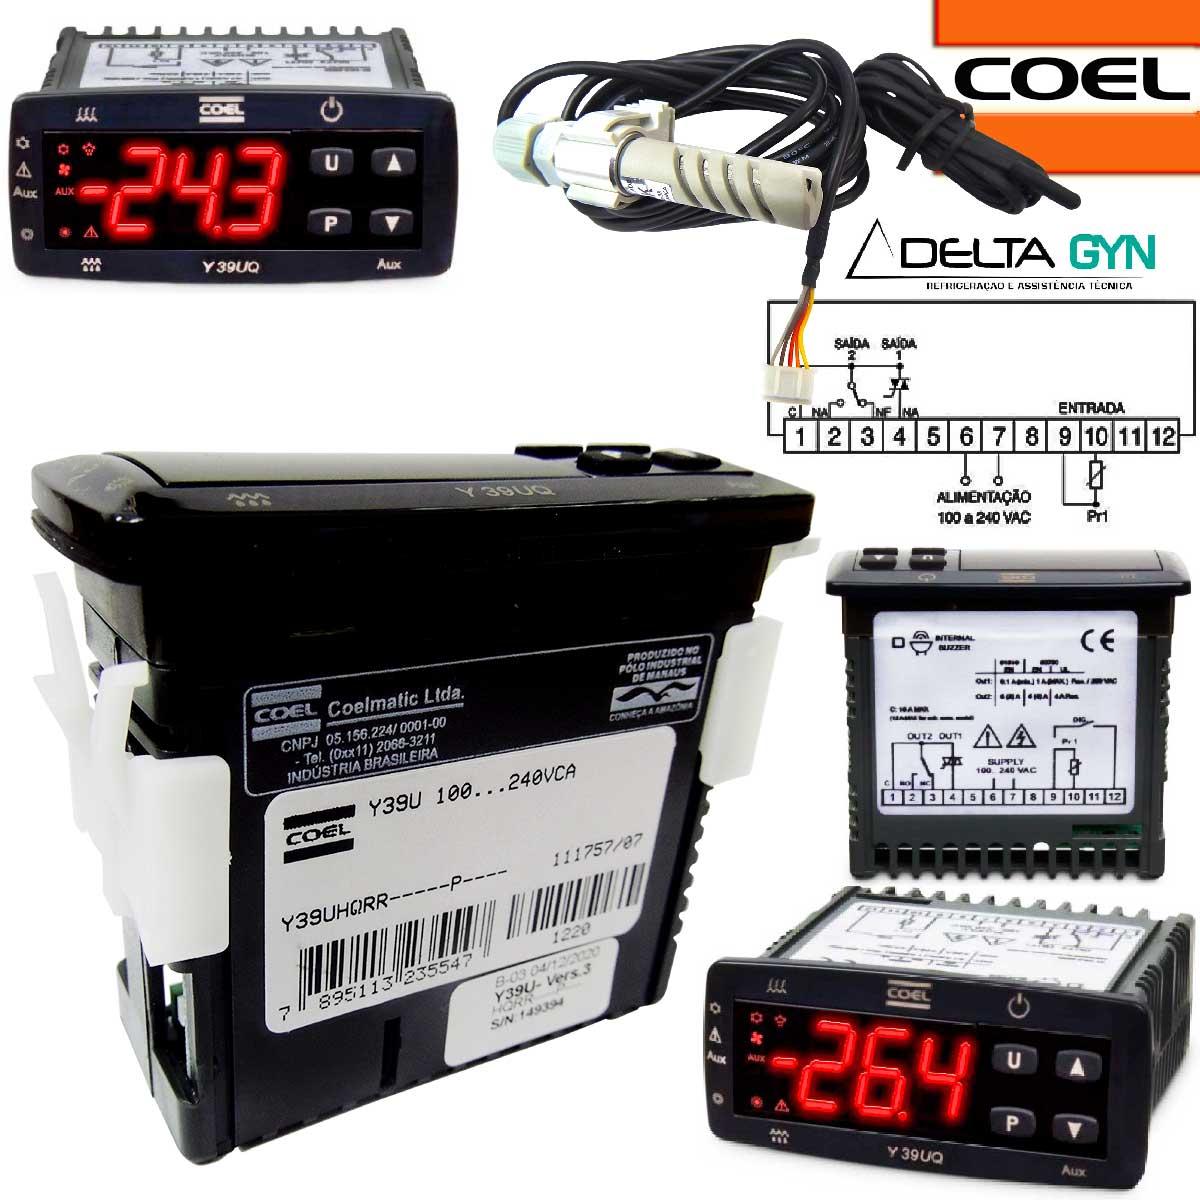 Controlador de temperatura para chocadeira, Incubadora com controle de Umidade Y39UHQRR-----P----